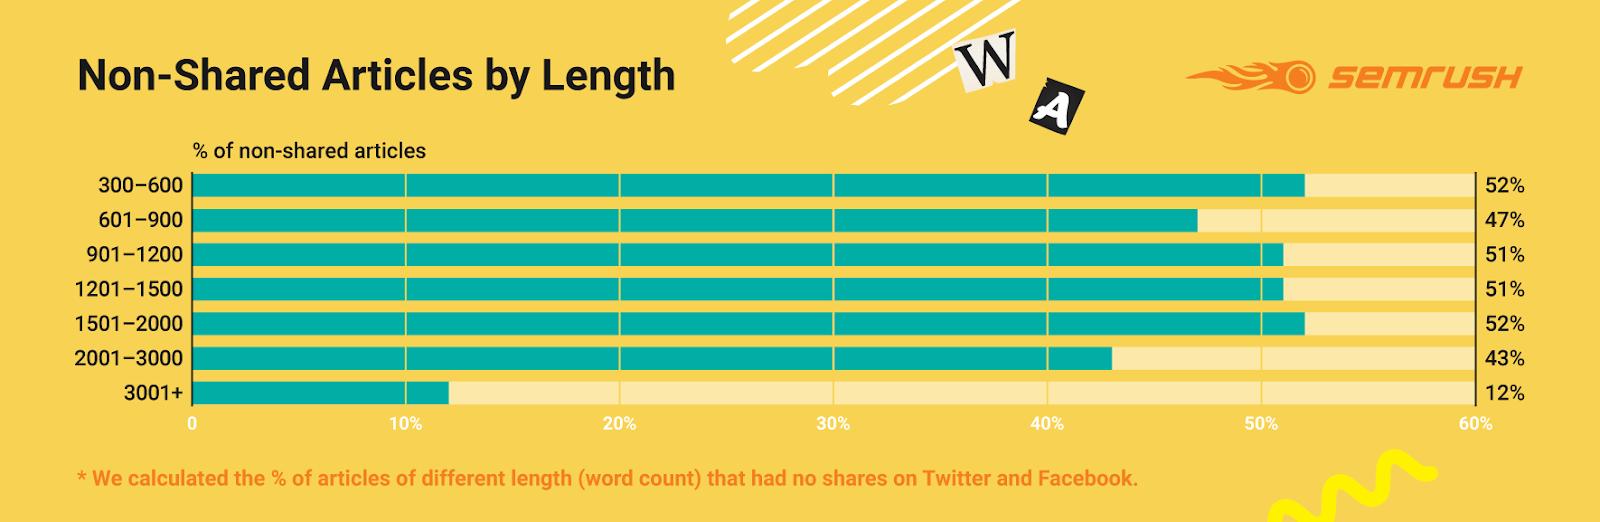 инфографика, как количество слов в тексте влияет на количество нерасшириваний